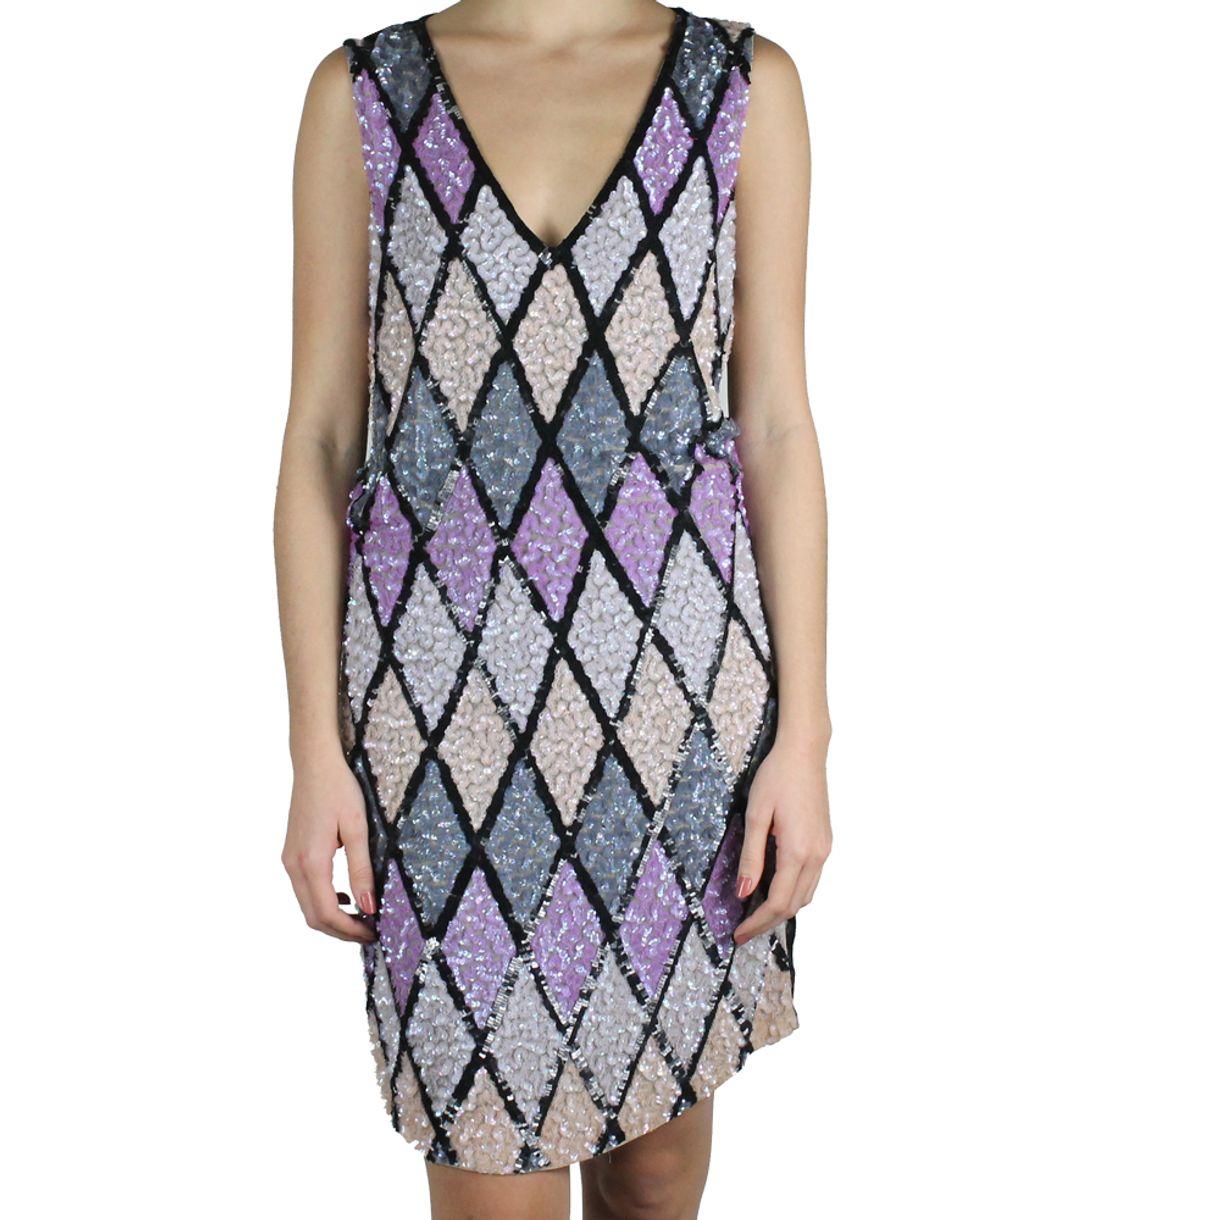 8410-vestido-blugirl-paetes-preto-e-lilas-1